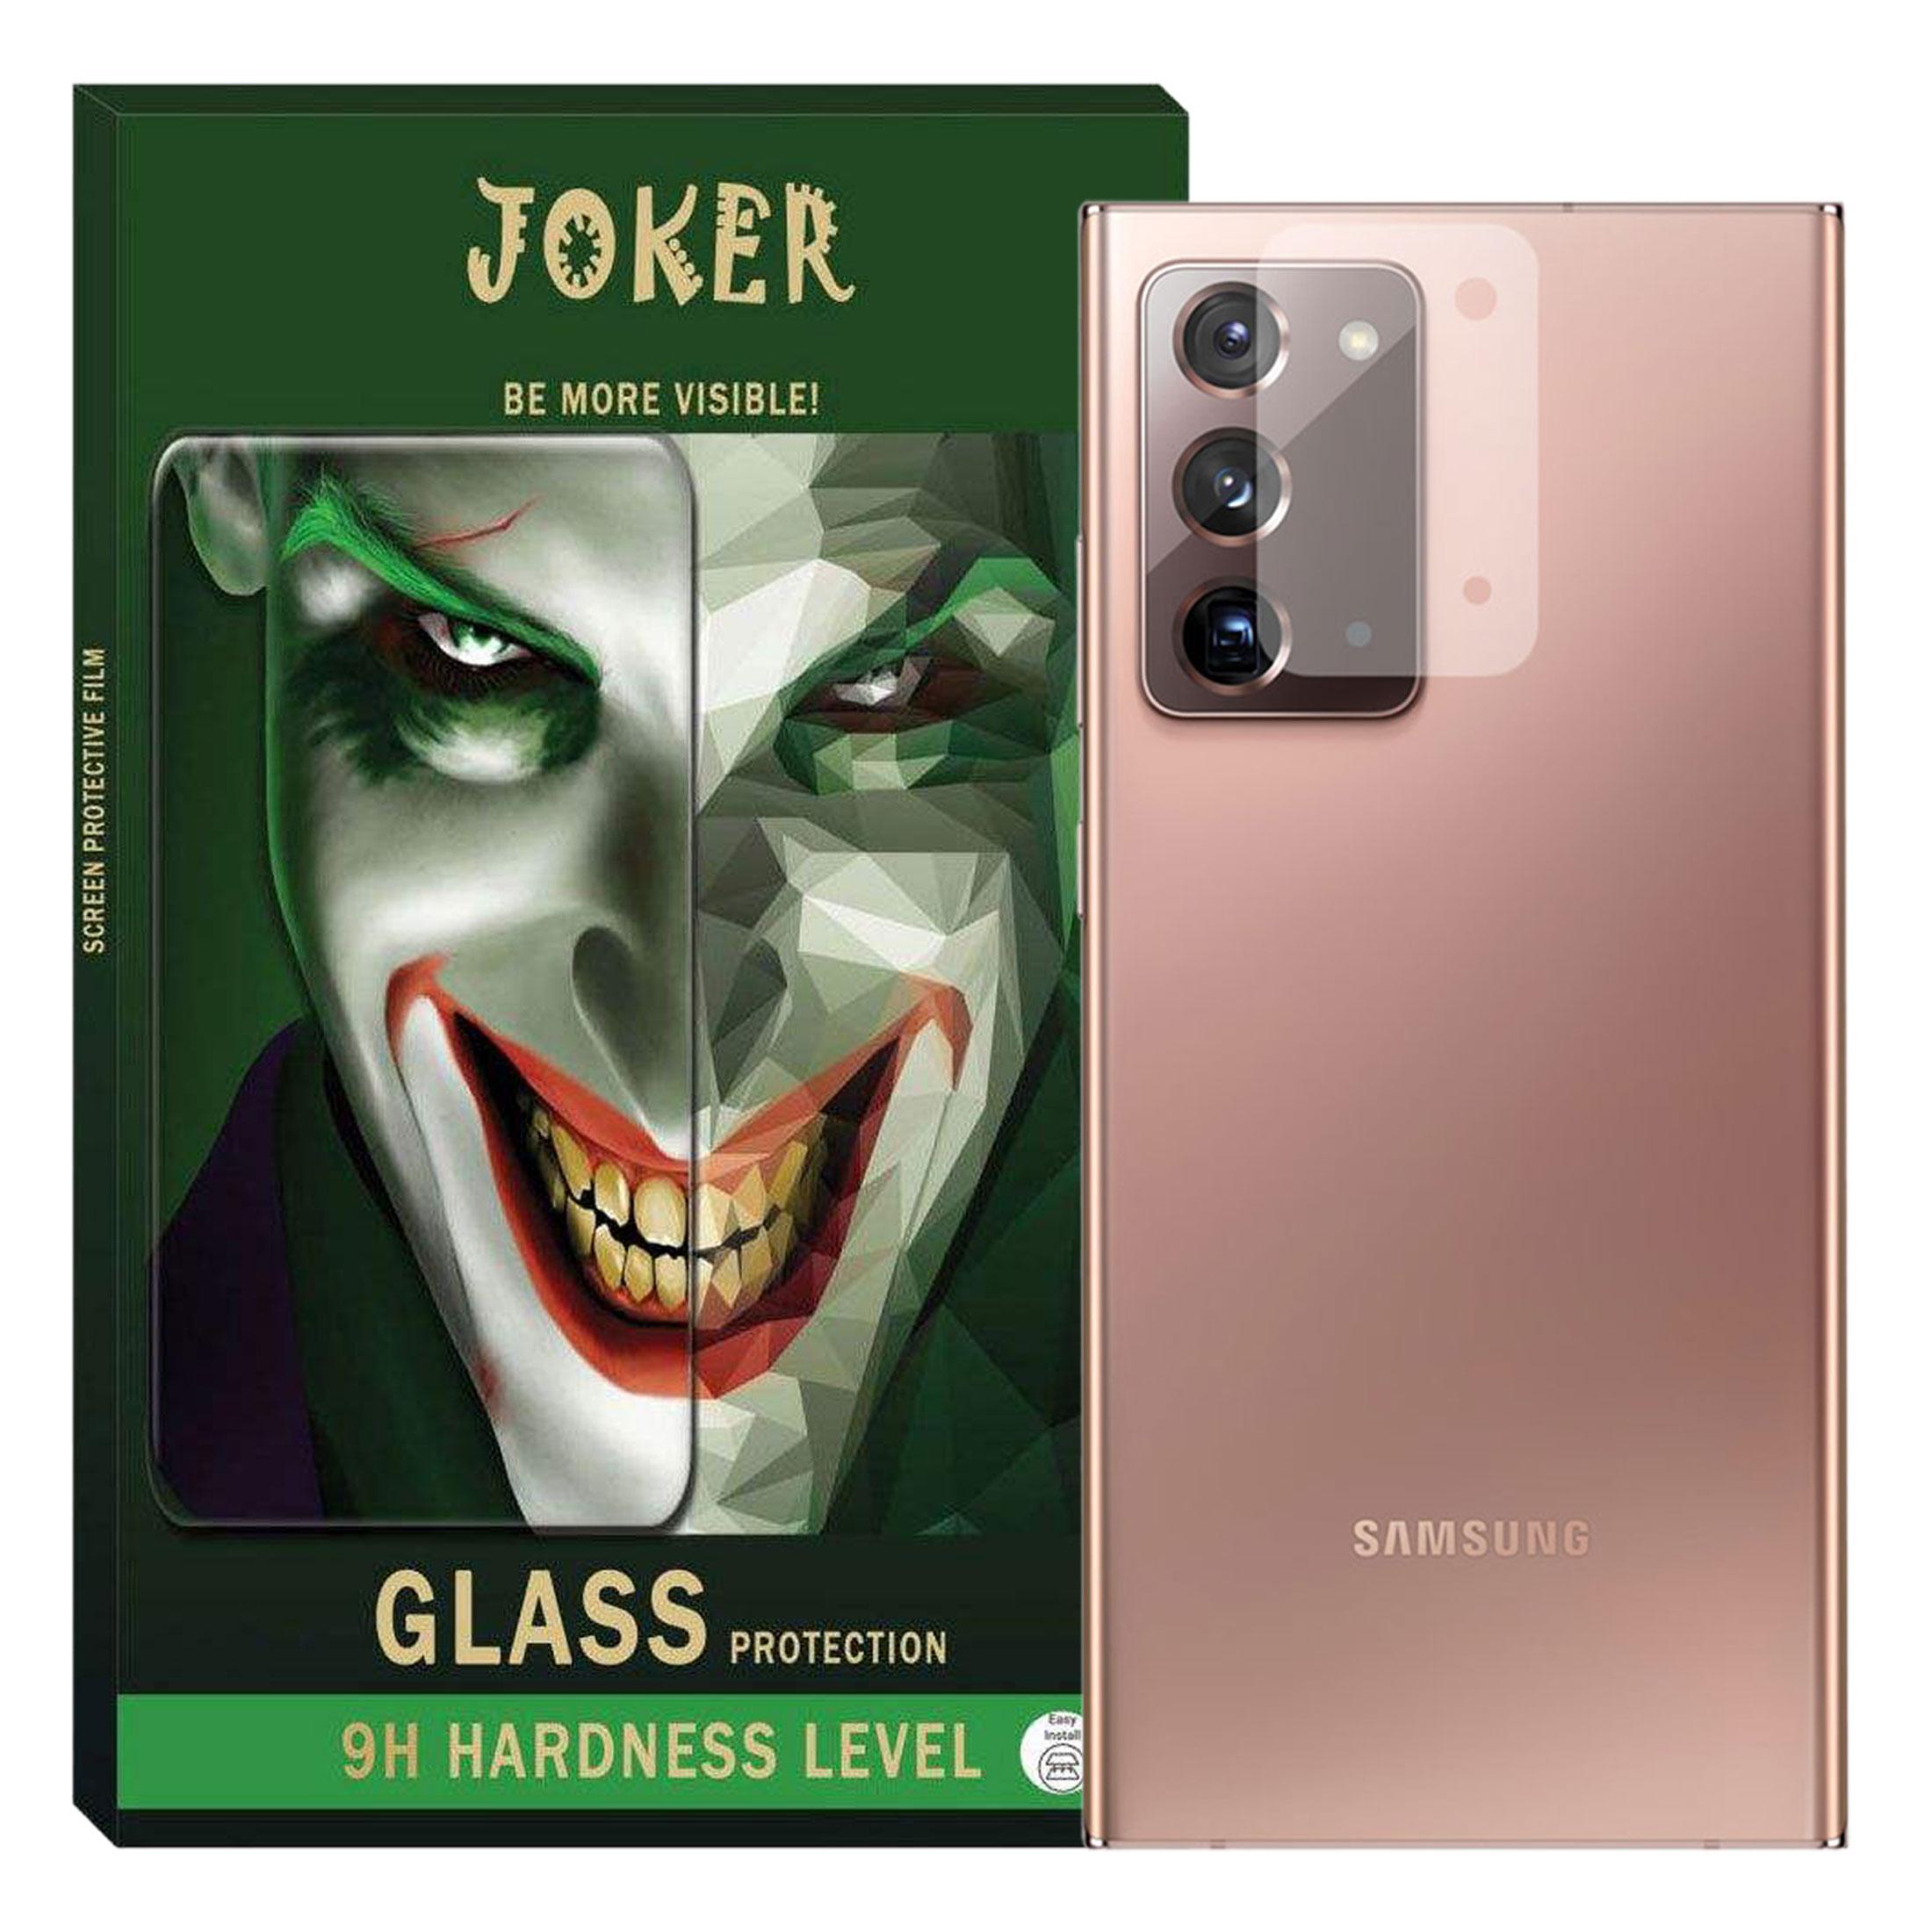 محافظ لنز جوکر مدل LJK-01 مناسب برای گوشی موبایل سامسونگ Galaxy Note 20 Ultra